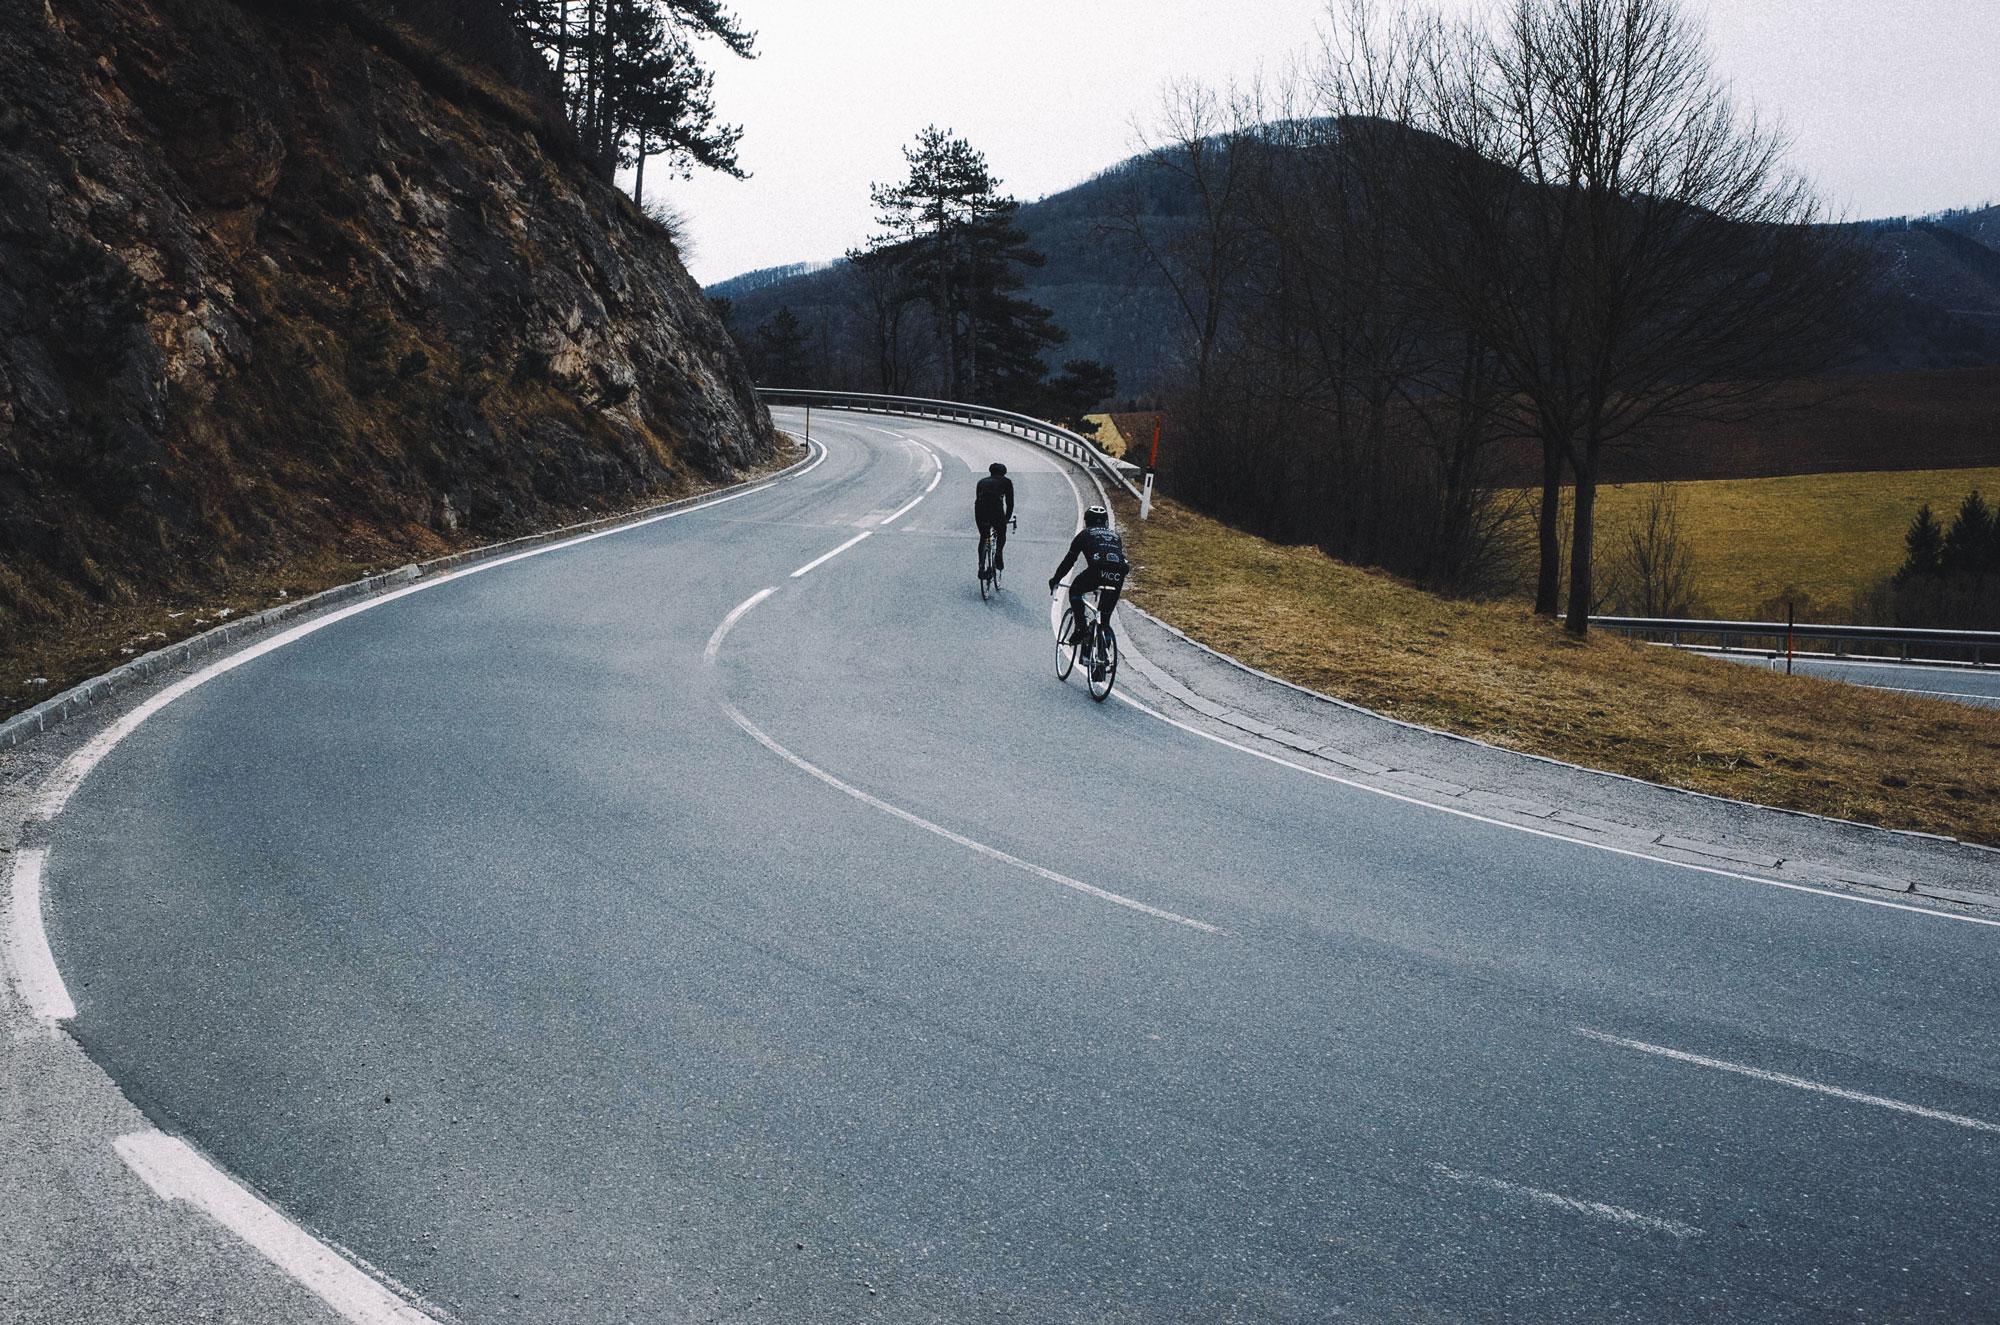 VeloRun, Gewinnspiel, VeloRun Radmarathon, Radmarathon, Baden, Niederösterreich, Österreich, Rennradblog, Radblog, Rennrad, Rennen, Cycling, Velo, Run, 2017